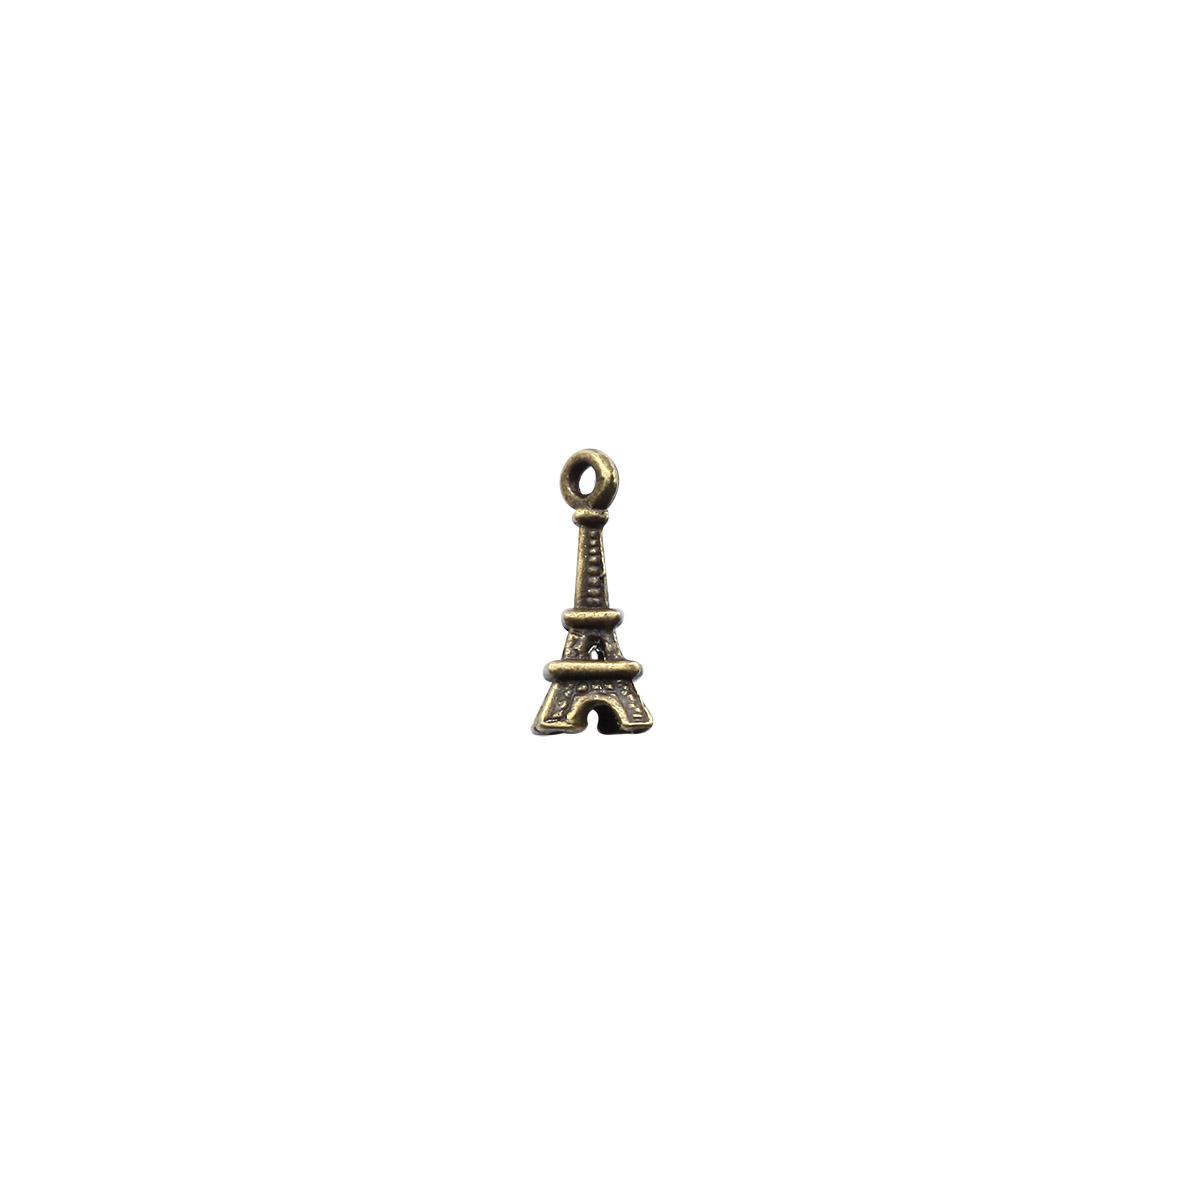 4AR027 Подвеска металлическая эйфелева башня бронза,2шт/упак, Астра